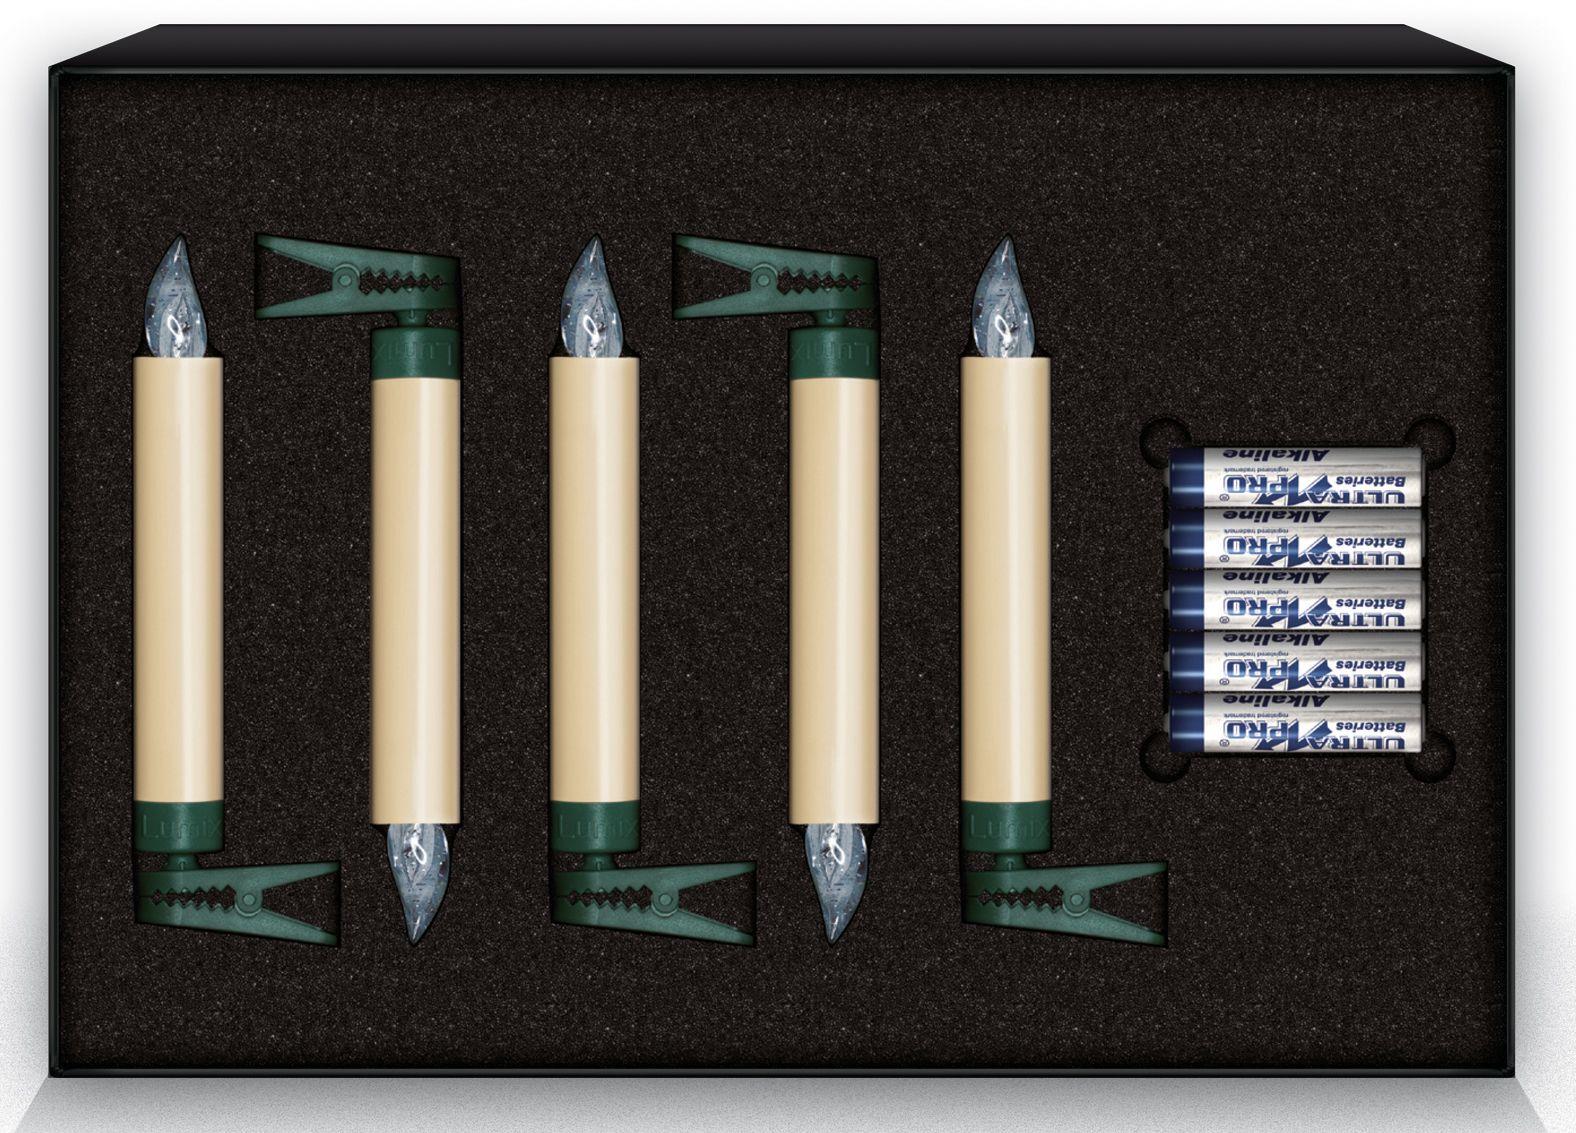 KRINNER Krinner LUMIX Classic LED-Christbaumkerze, 5er Erweiterungs-Set, elfenbein